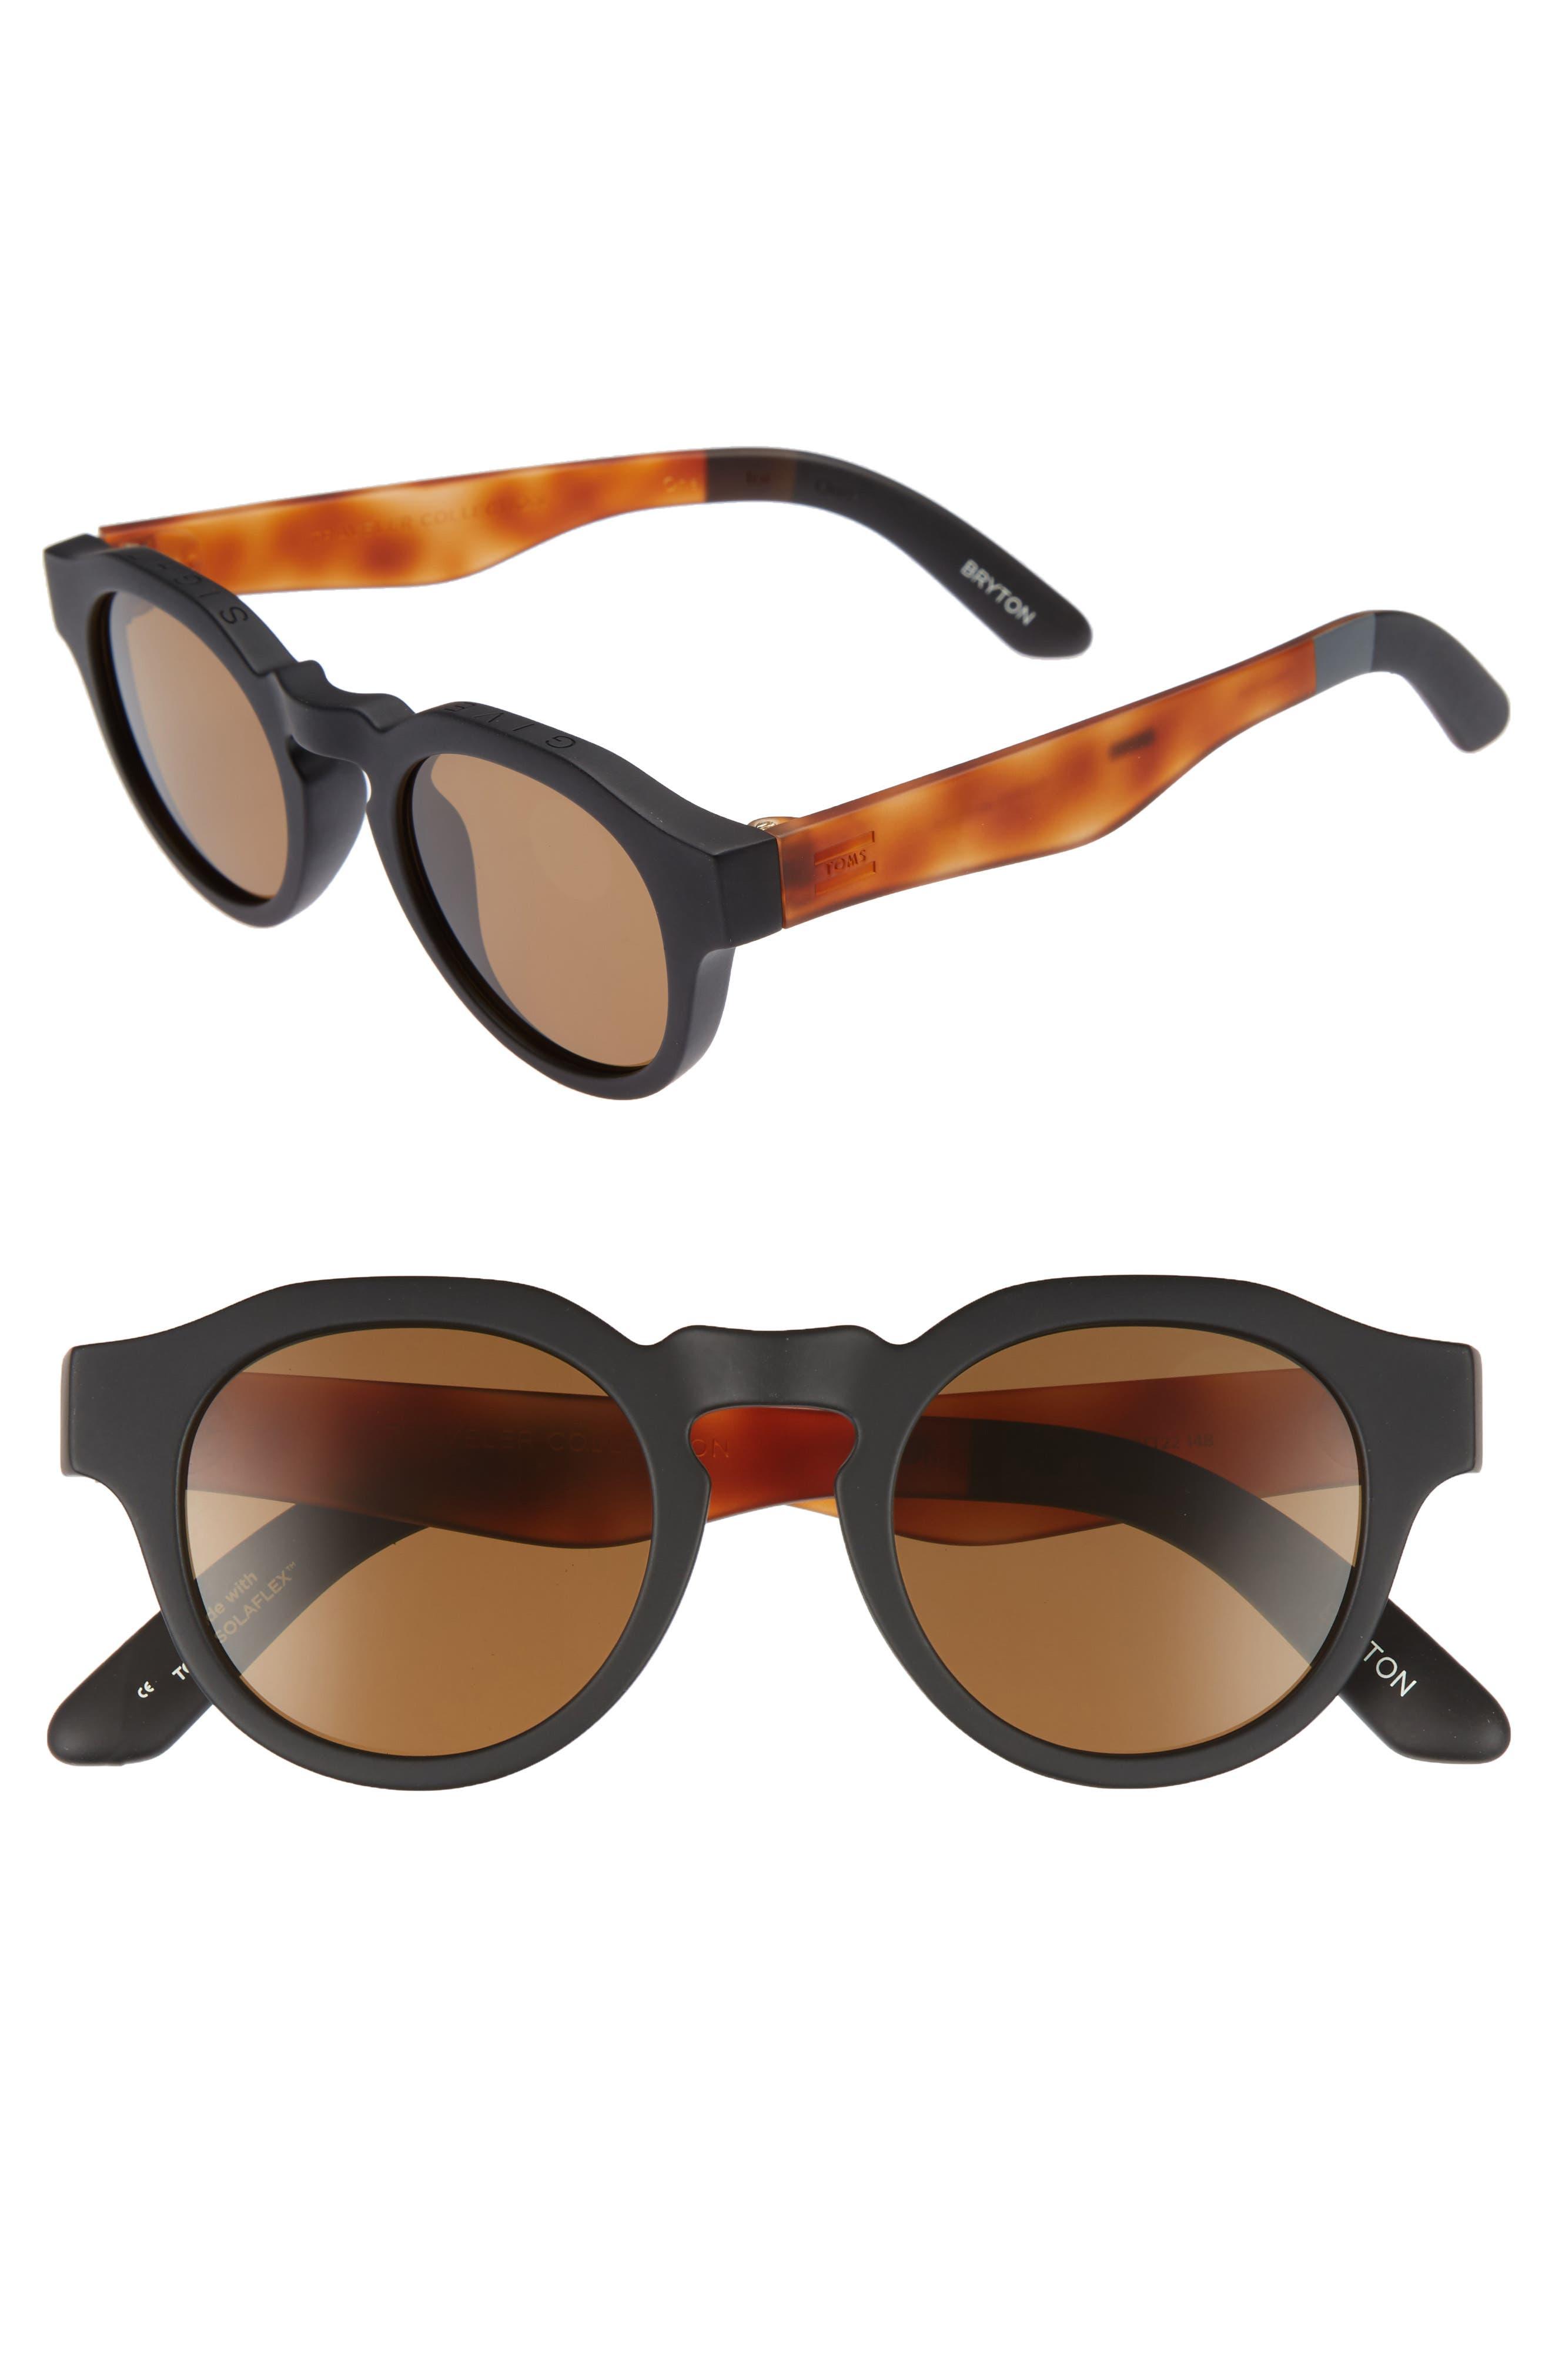 Bryton 48mm Polarized Sunglasses,                             Main thumbnail 1, color,                             MATTE BLACK POLAR